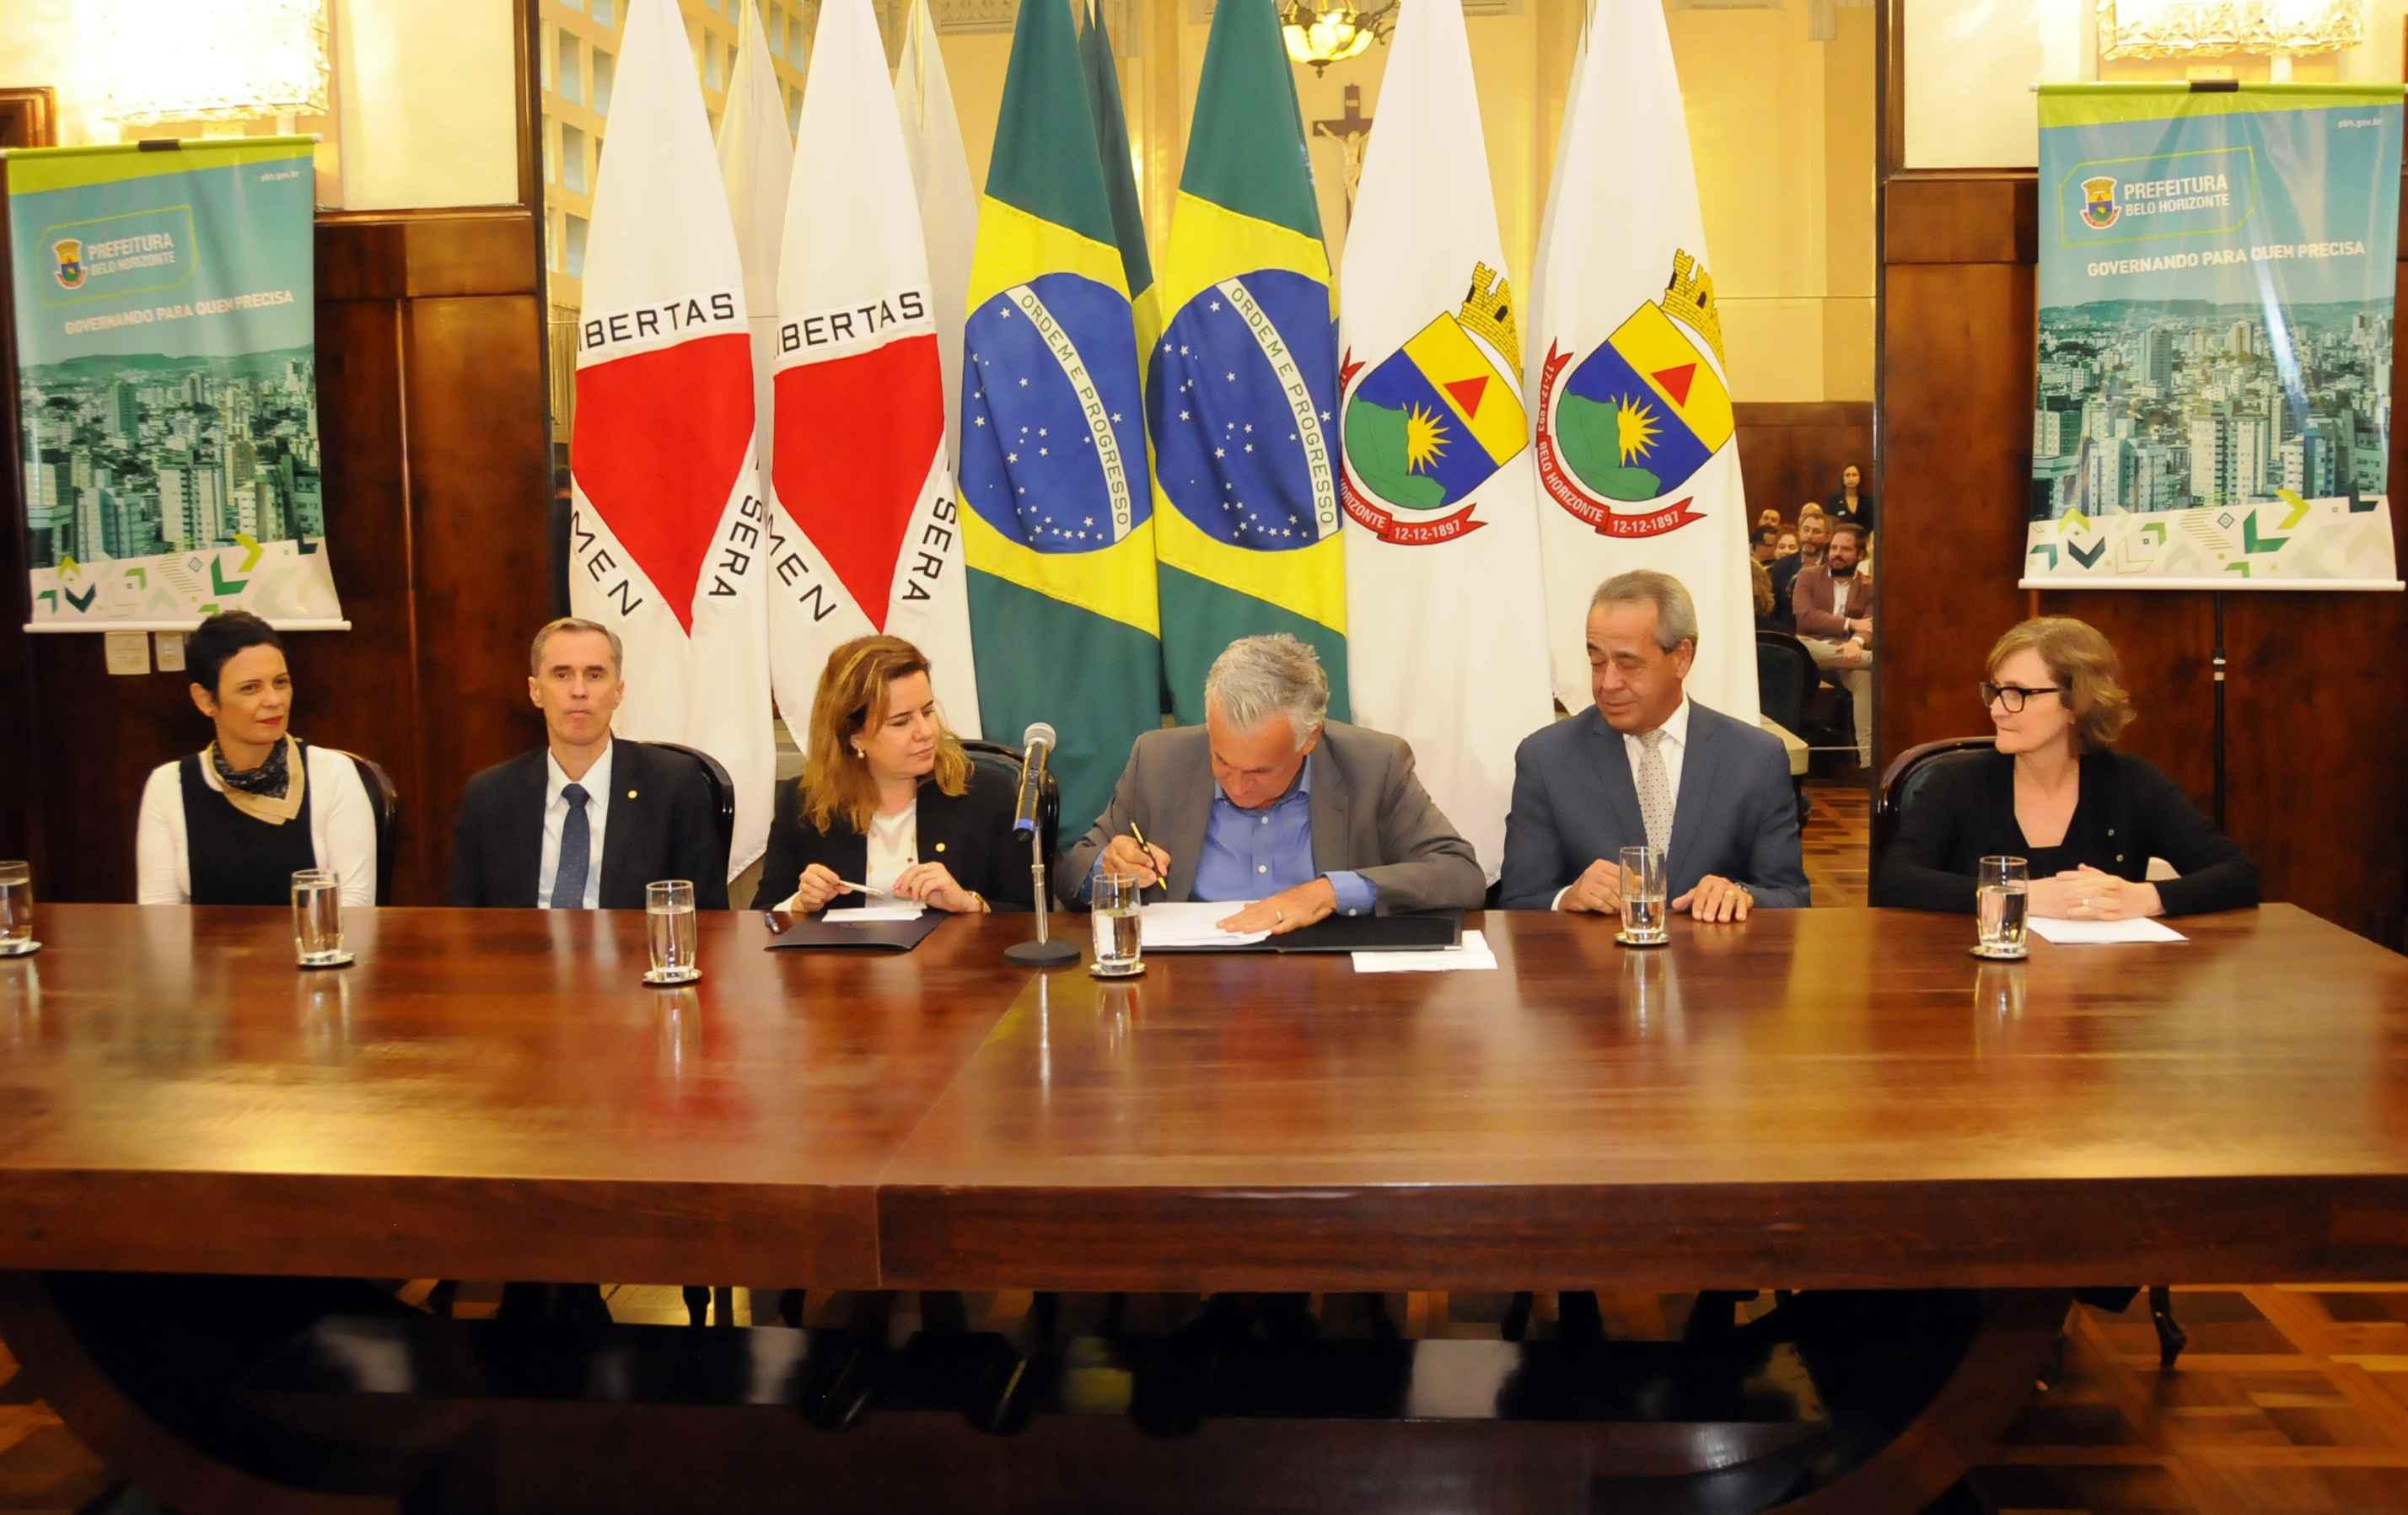 O secretário Juca Ferreira assina o acordo observado pela reitora Sandra Goulart Almeida; compuseram a mesa a pró-reitora de Extensão, Cláudia Mayorga, o vice-reitor Alessandro Fernandes Moreira,